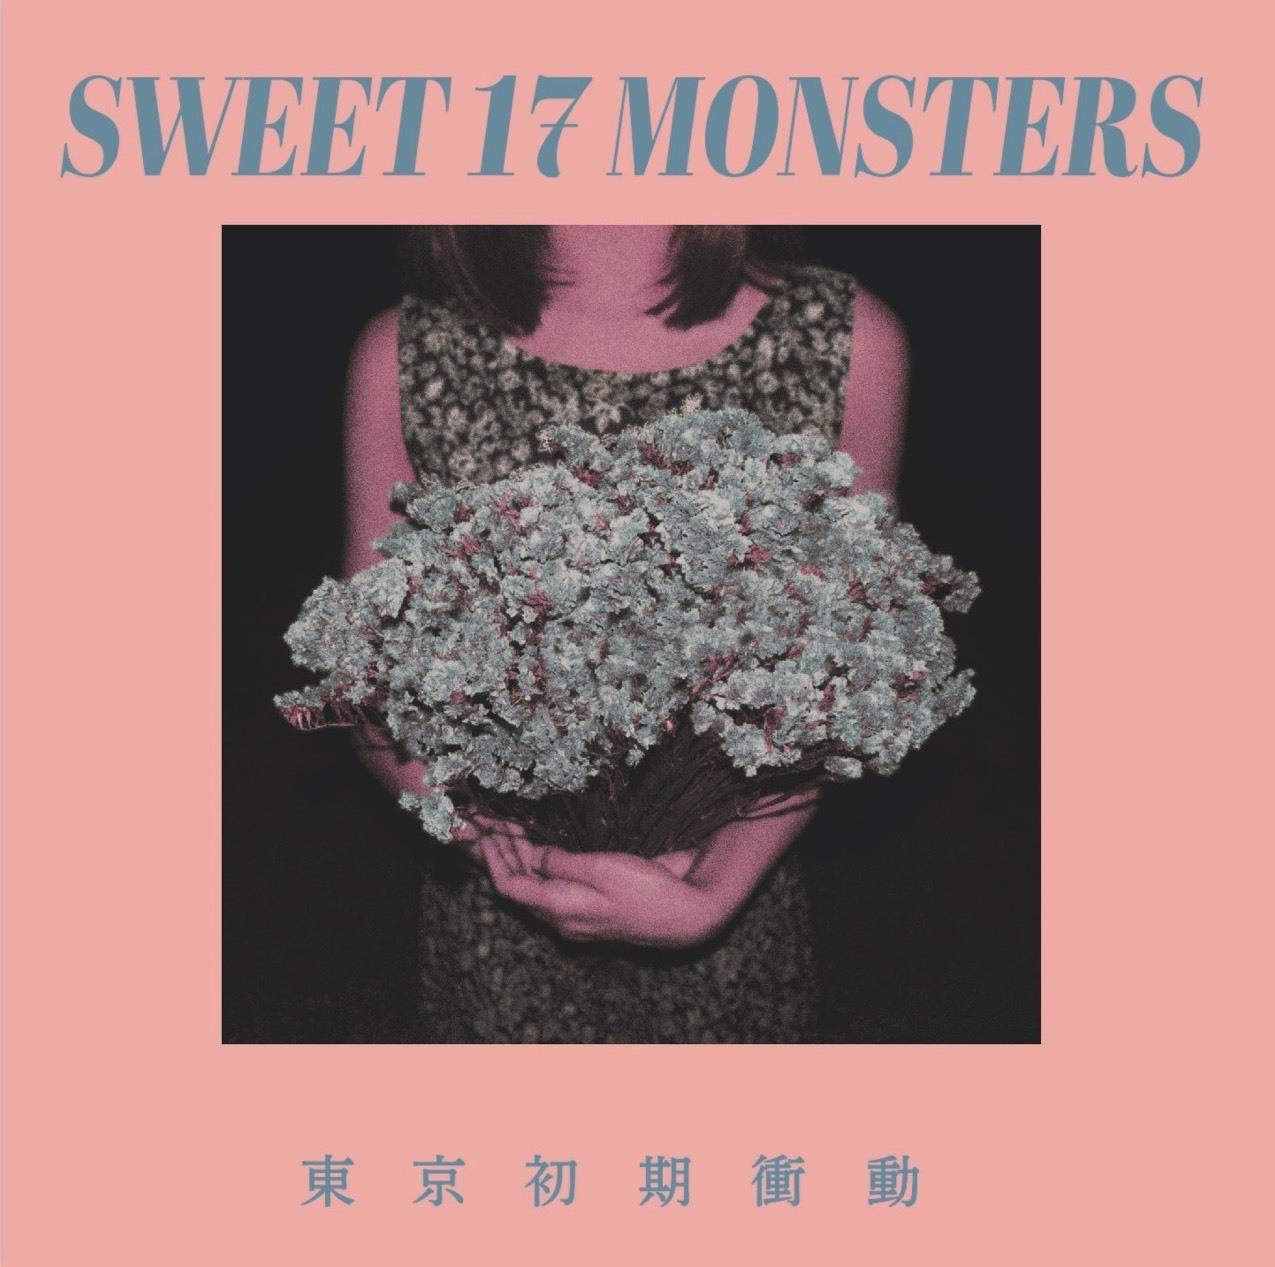 『SWEET 17 MONSTERS』